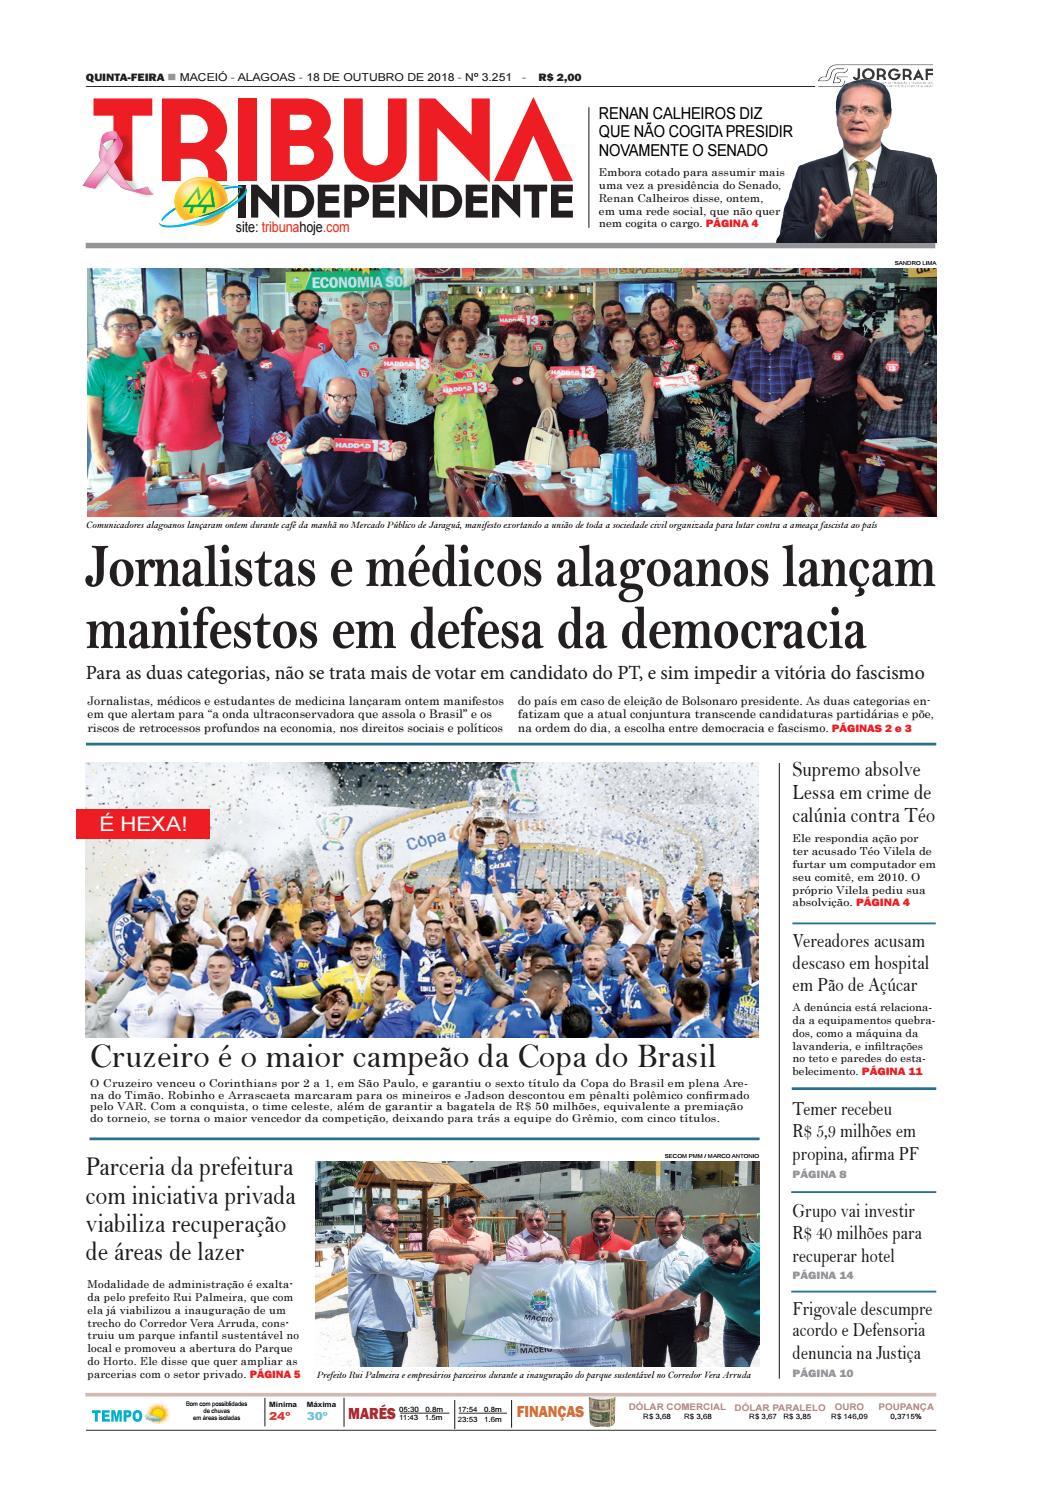 998b54f89f1a2 Edição número 3251 - 18 de outubro de 2018 by Tribuna Hoje - issuu